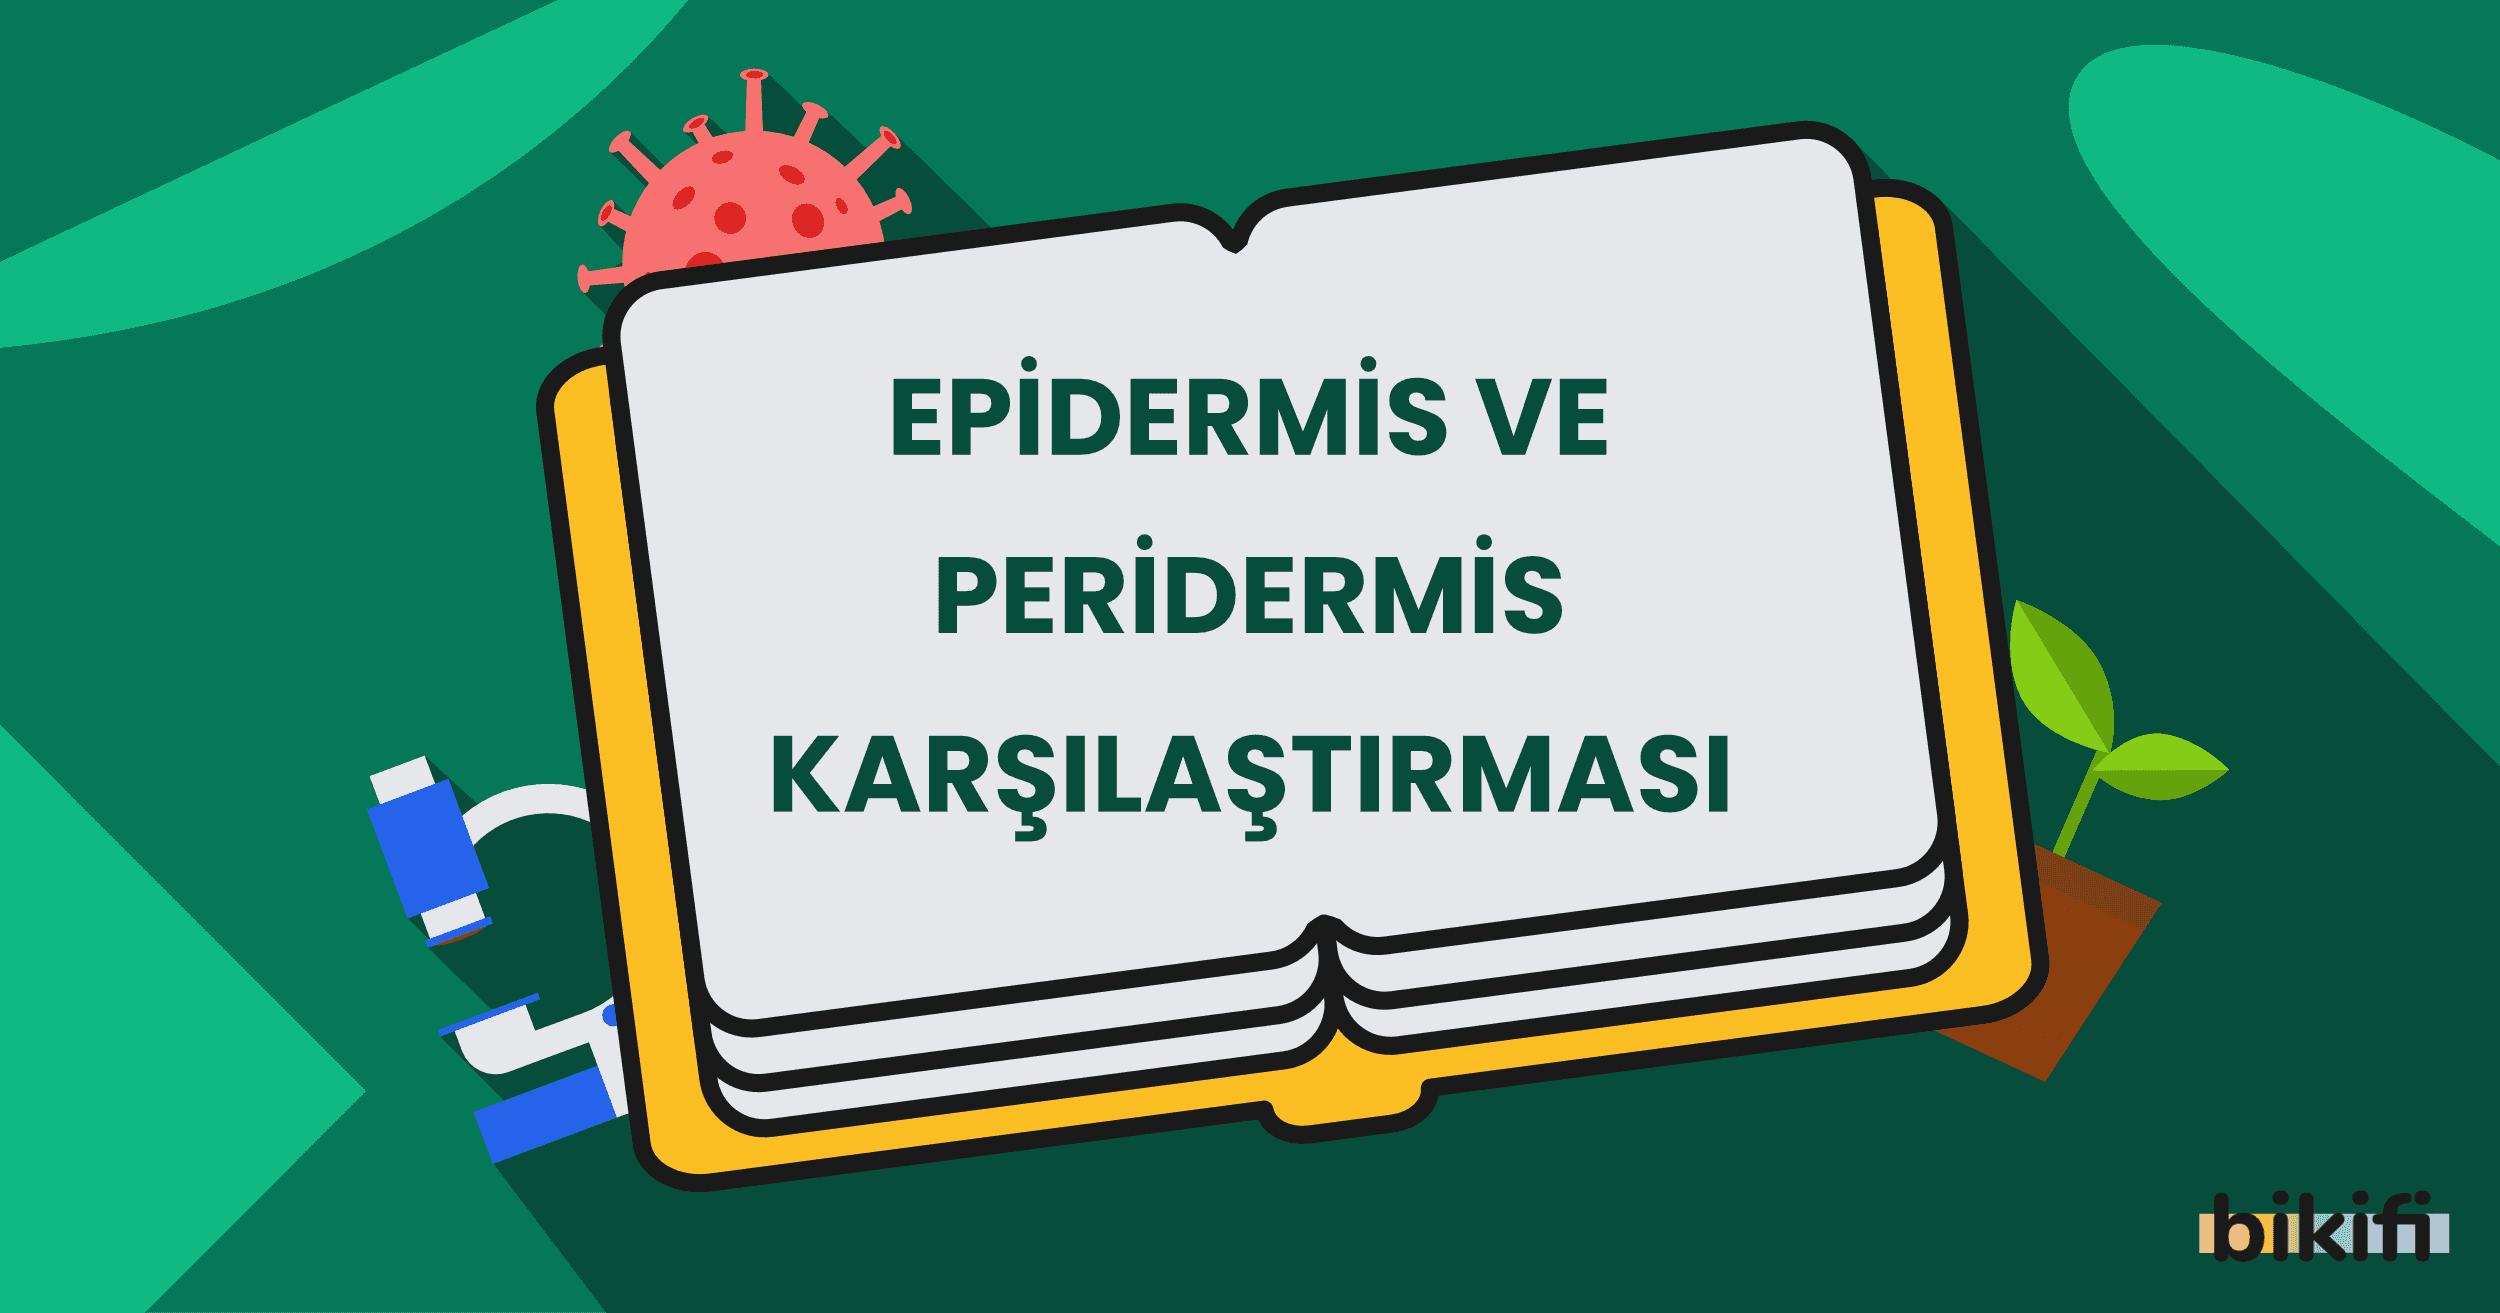 Epidermis ve Peridermis Karşılaştırması